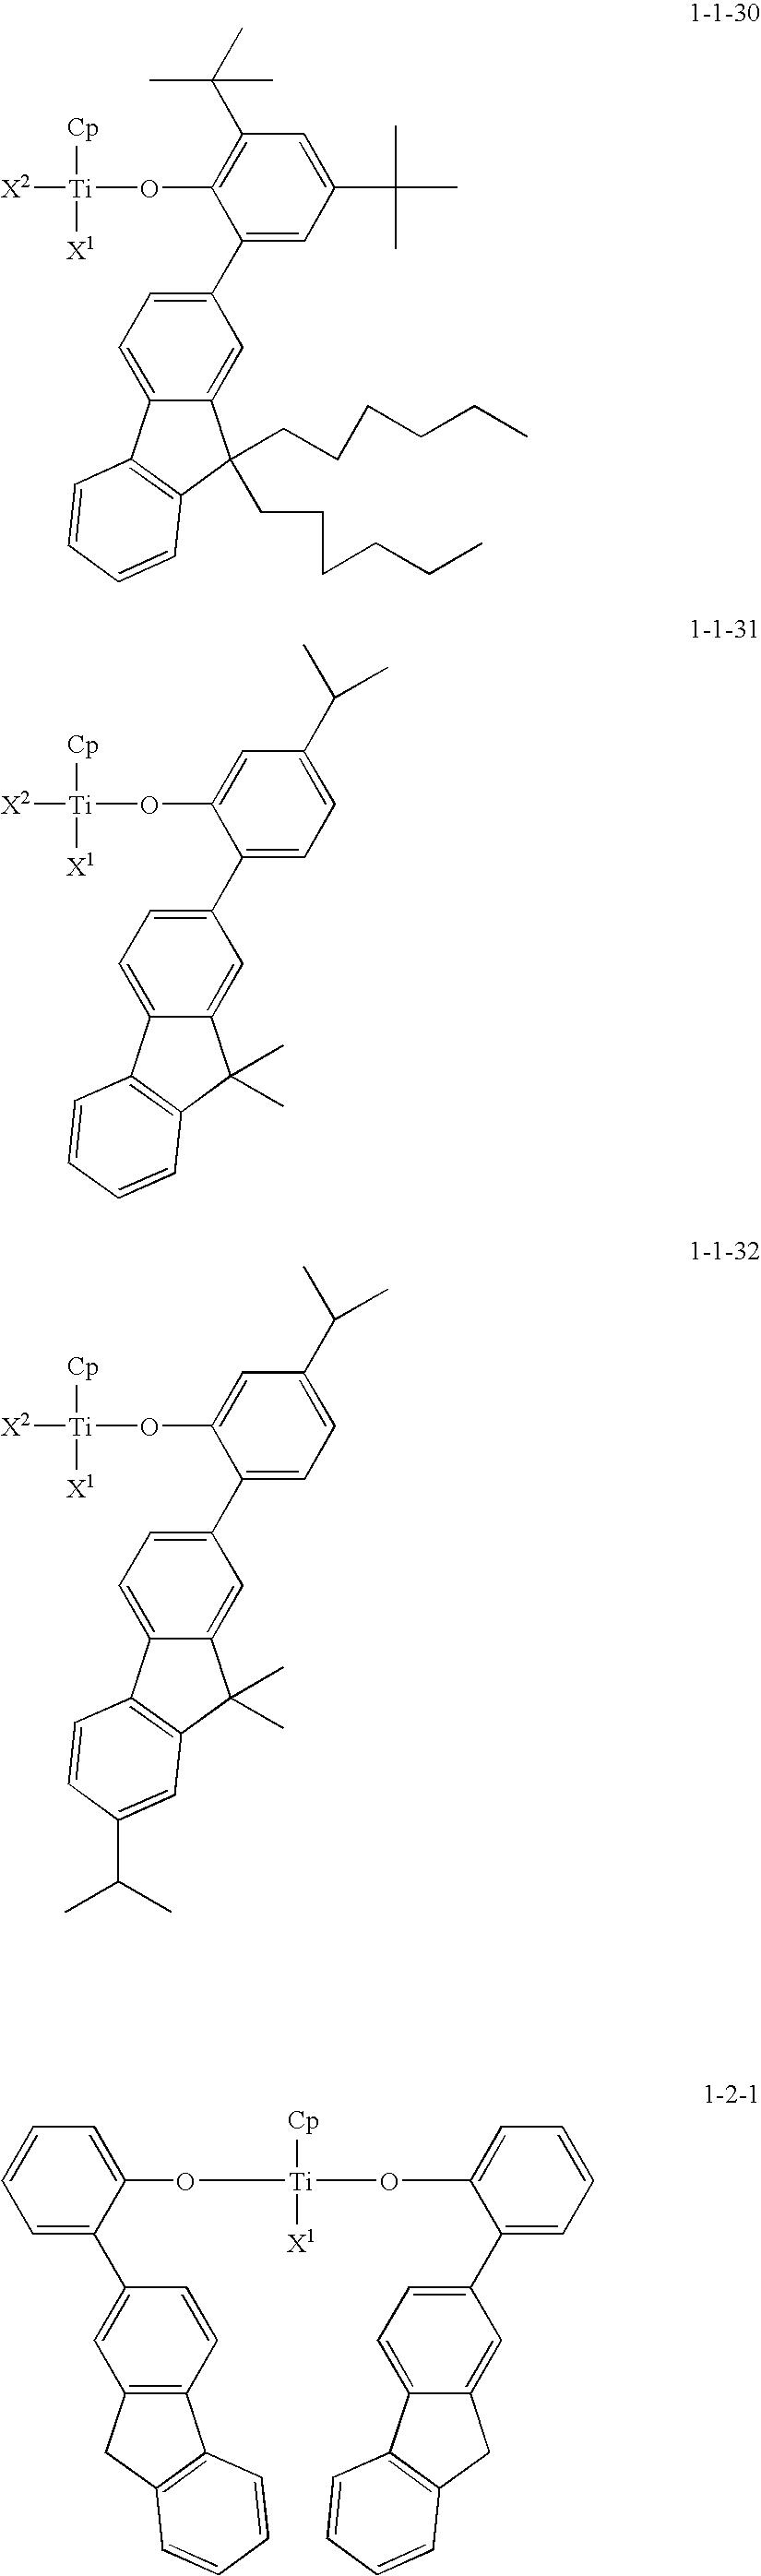 Figure US20100081776A1-20100401-C00011